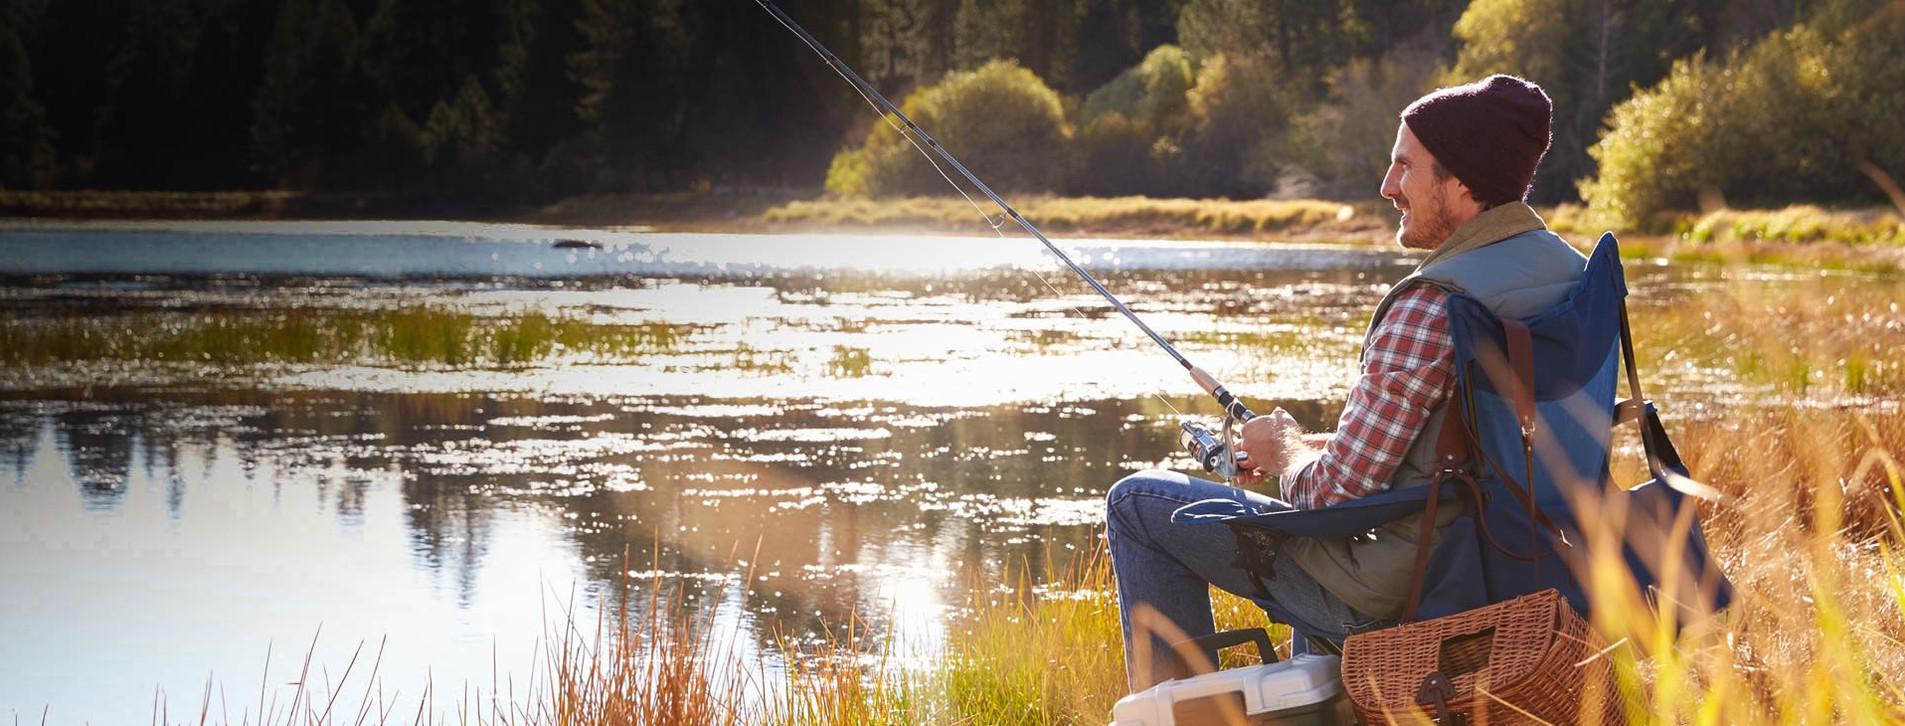 Фото 1 - День на рыбалке